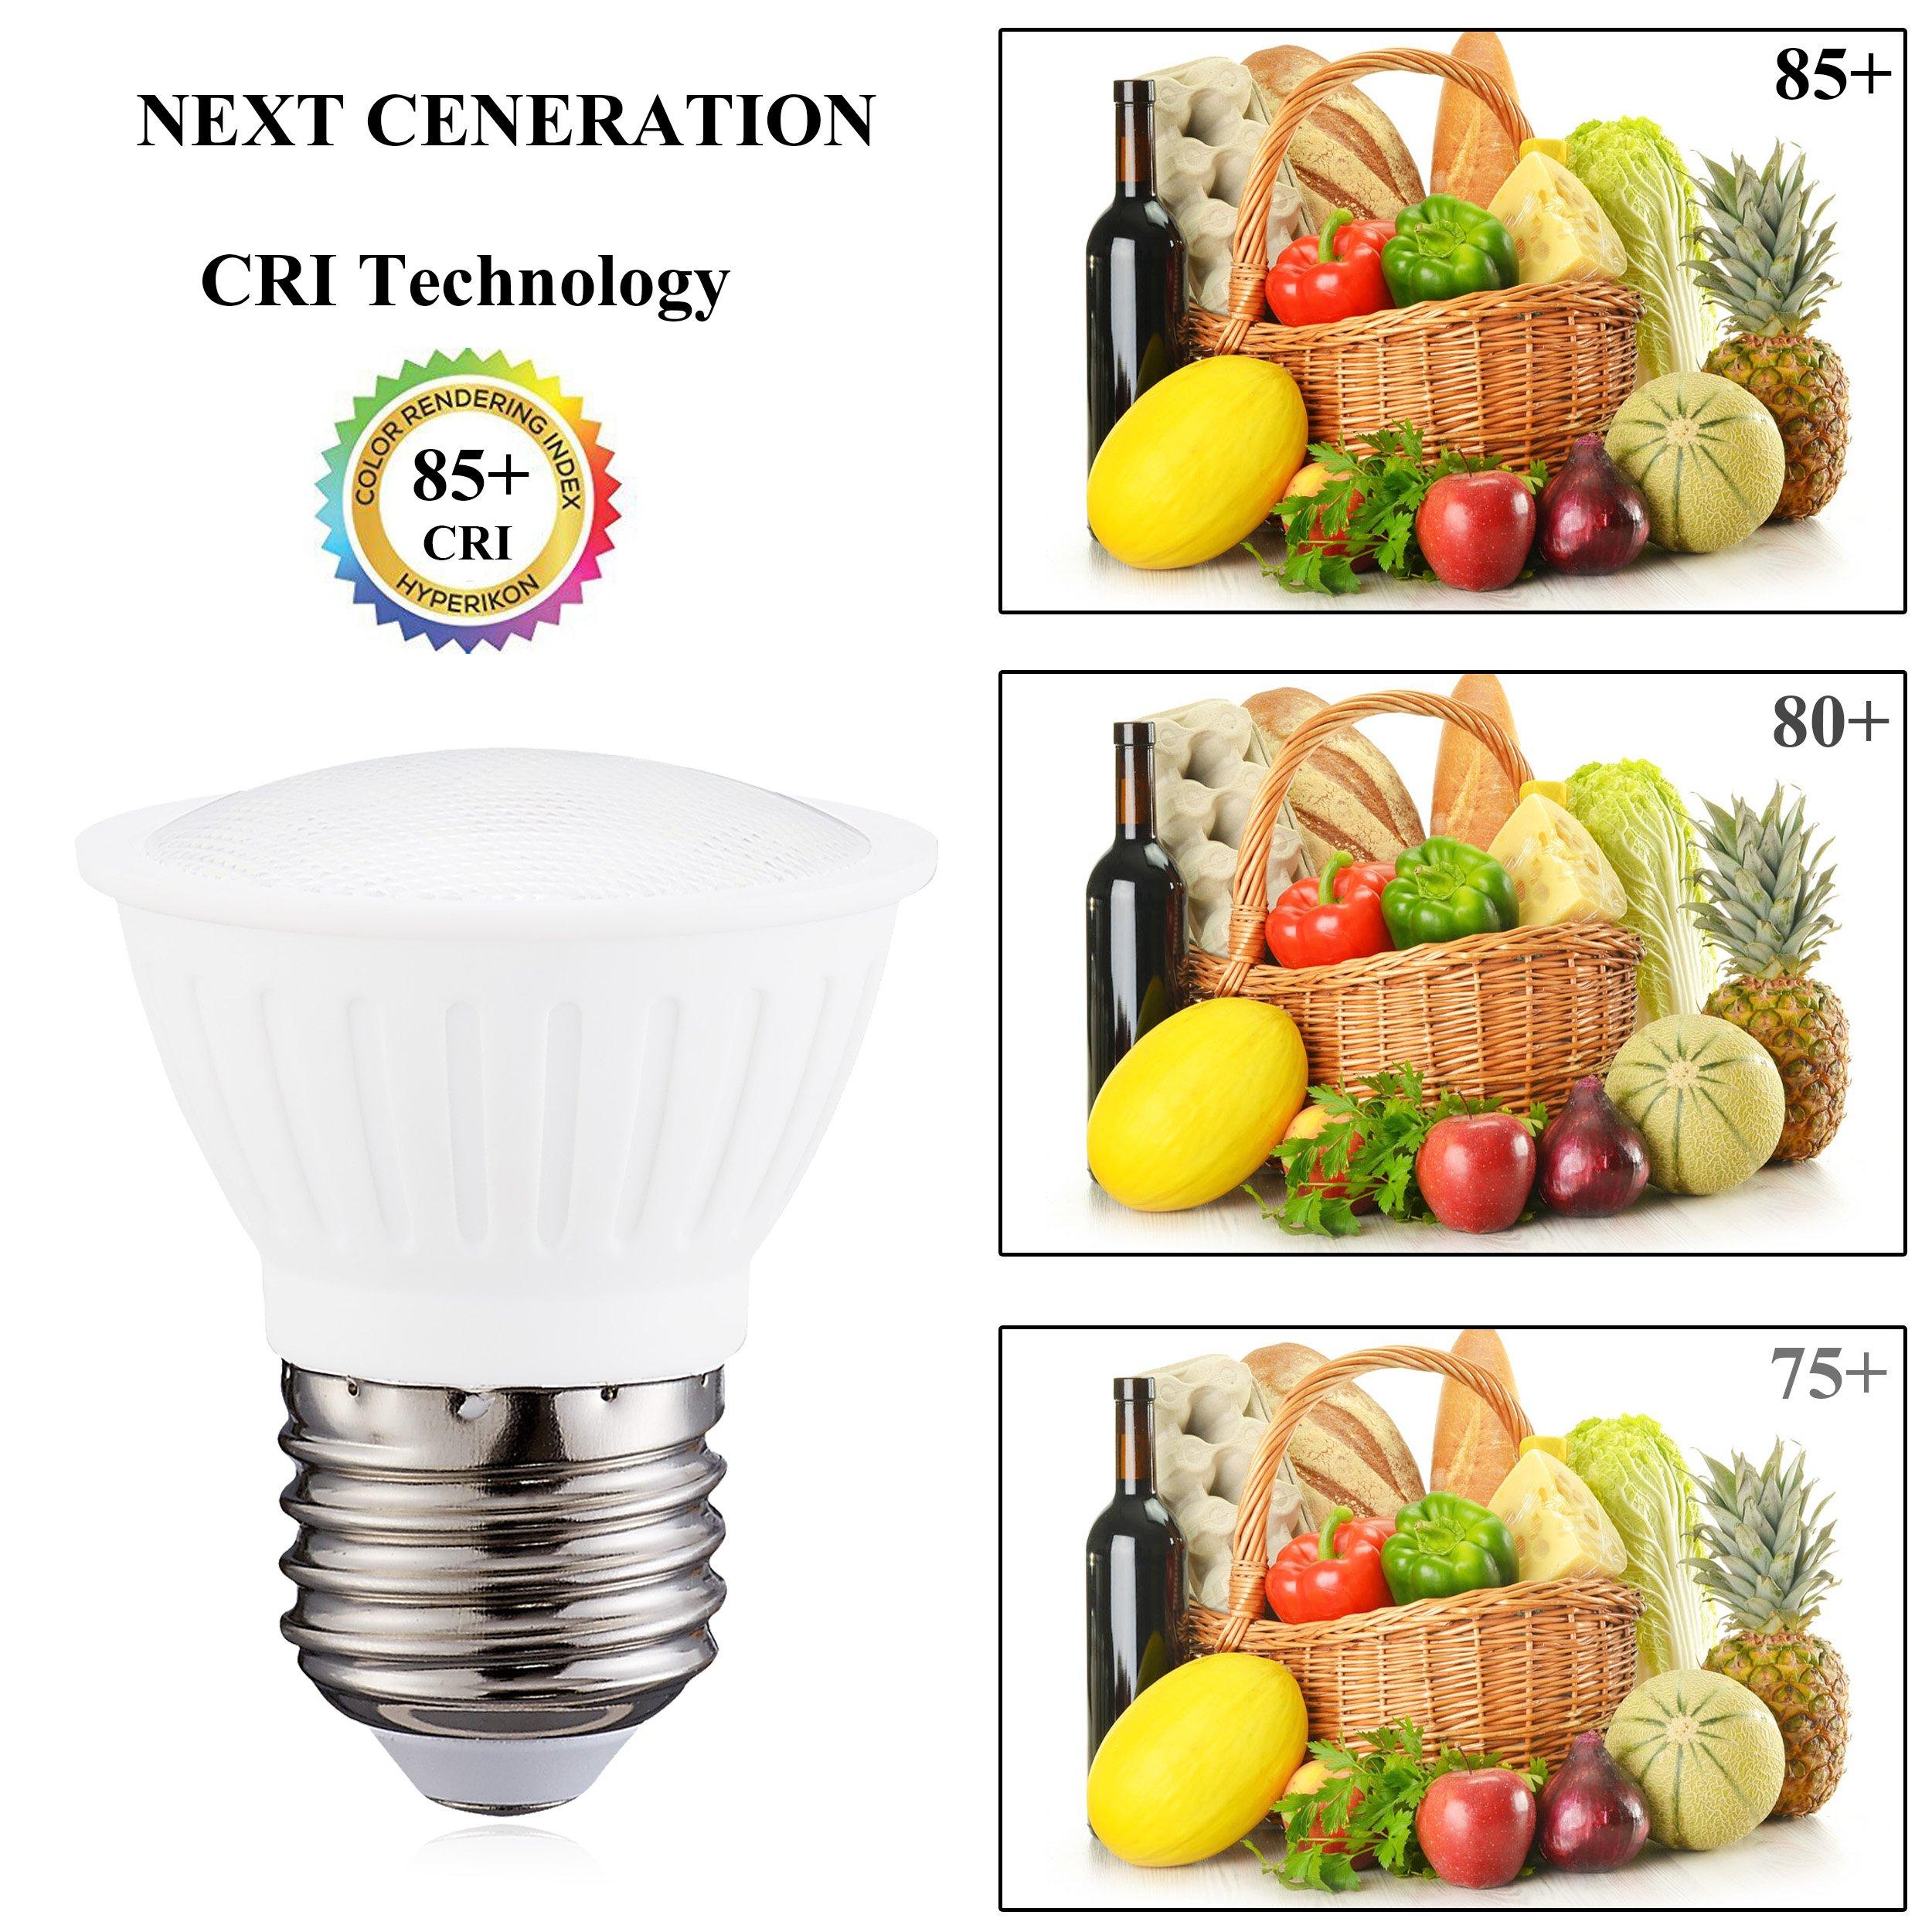 3Watt PAR16 LED Flood Bulb, 3000K Soft White, Dimmable, 120° Beam Spread, 30 watt Halogen light bulb Equivalent, 300 lumens, CRI 85+ , AC120V, E26 Medium Base for Home Display Chandelier(Pack of 6)